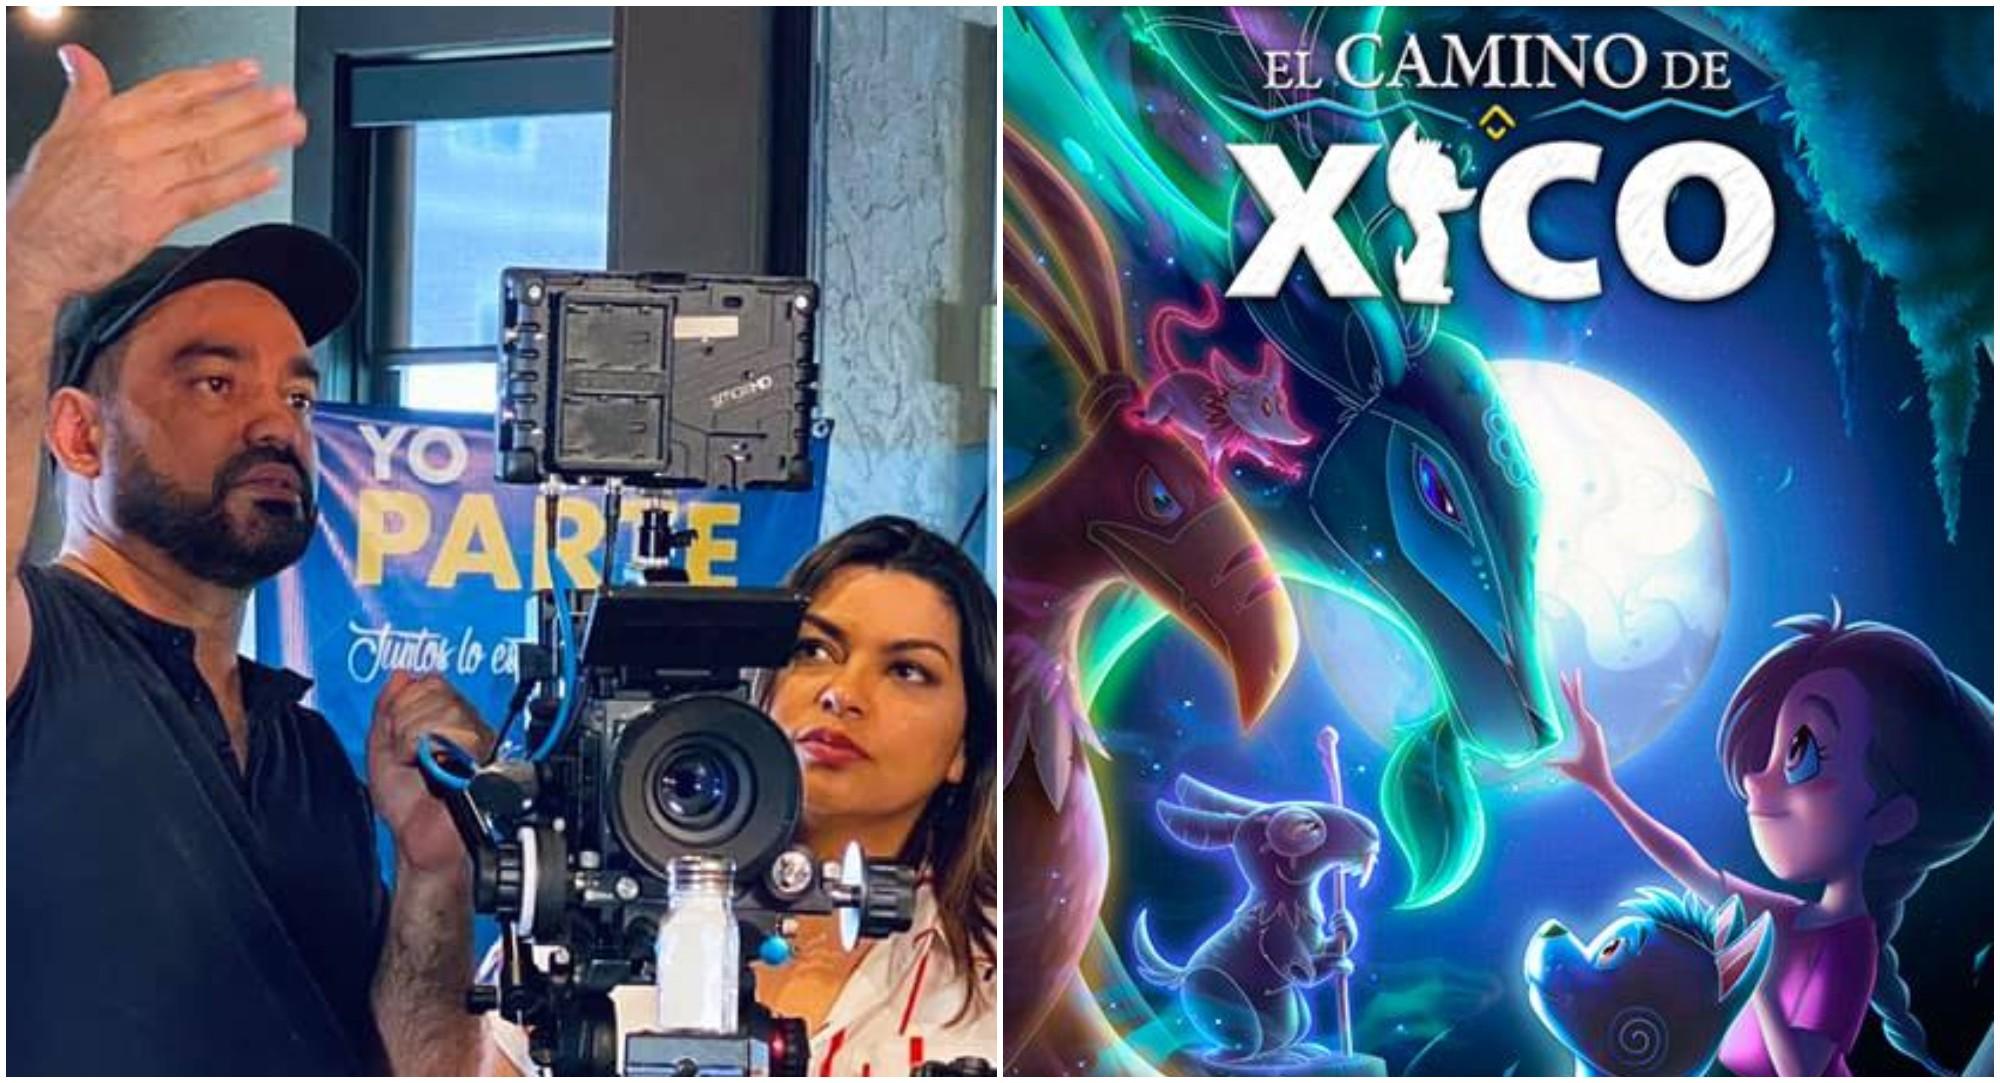 Estudio hondureño Cg Artist, participó en película El Camino de Xico